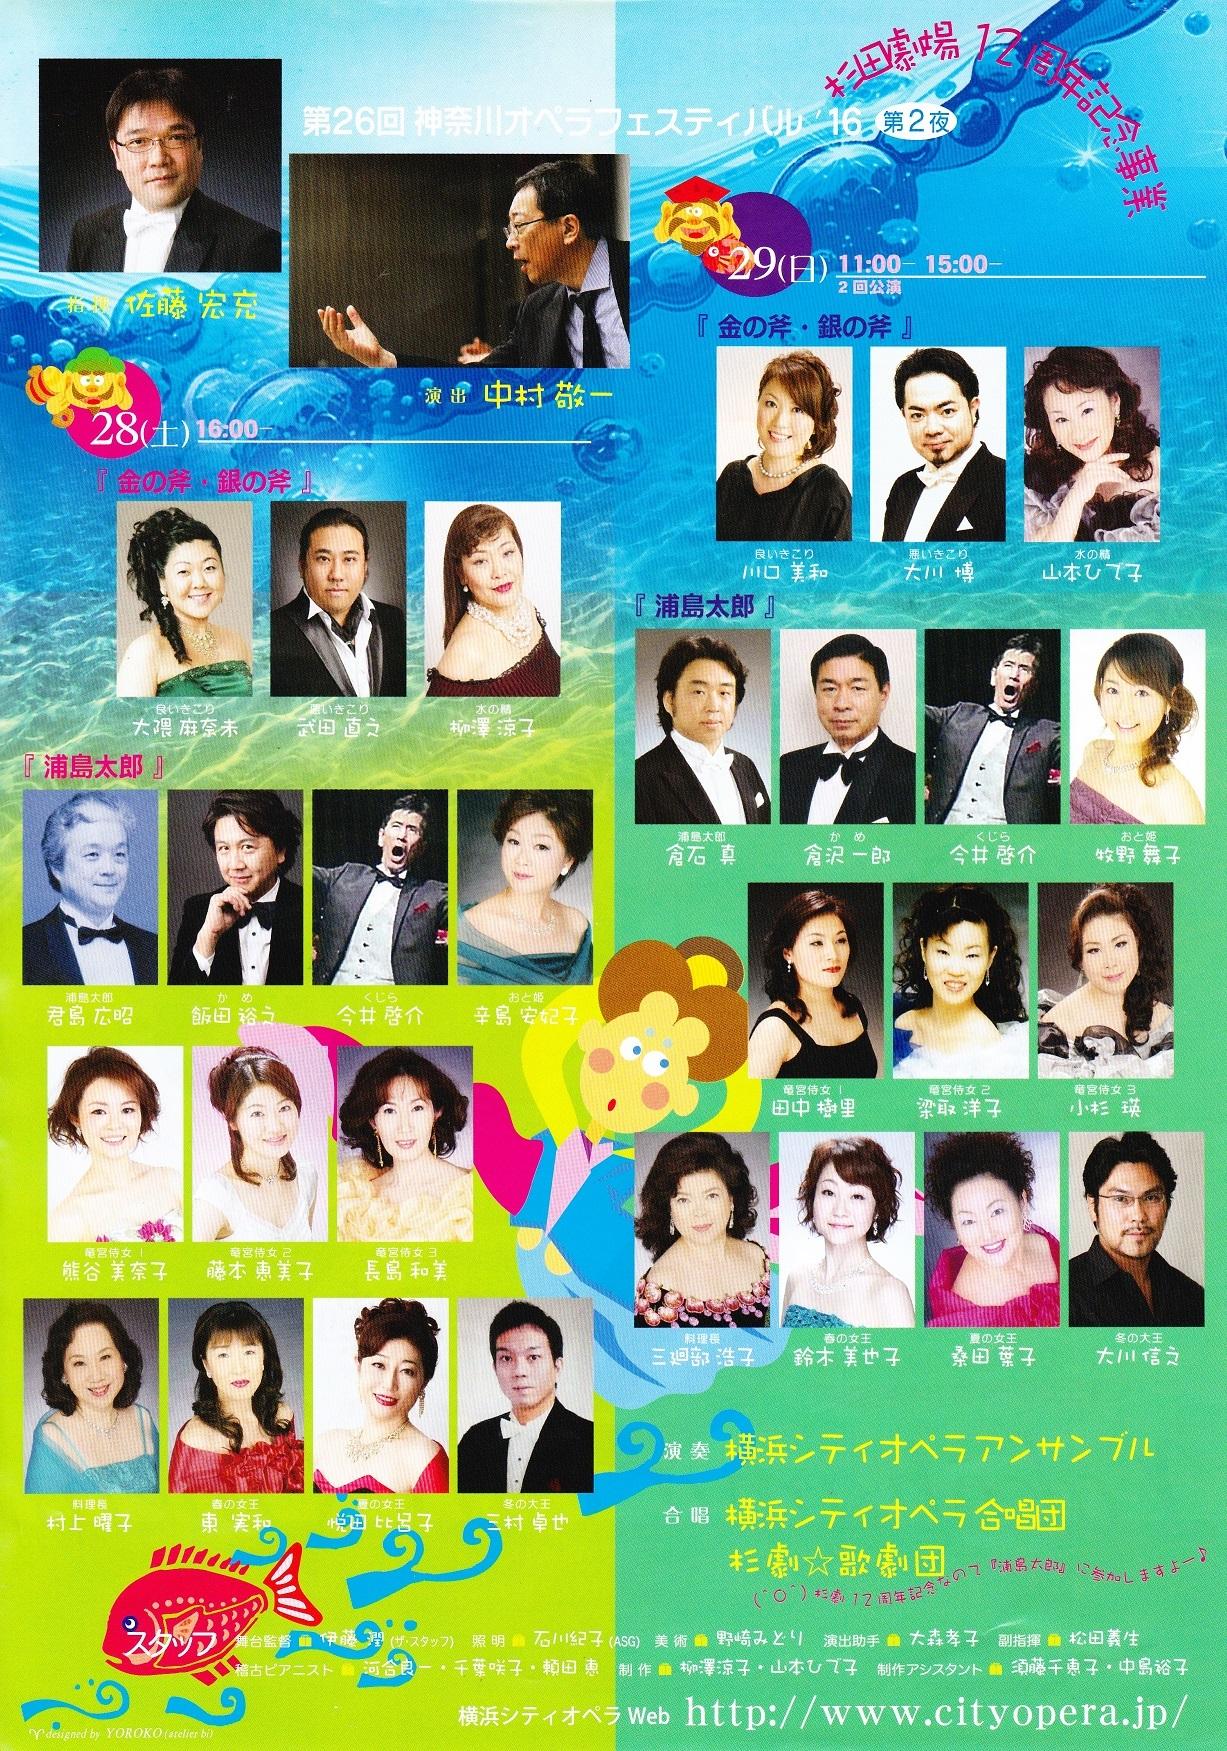 横浜シティオペラ公演チラシ2